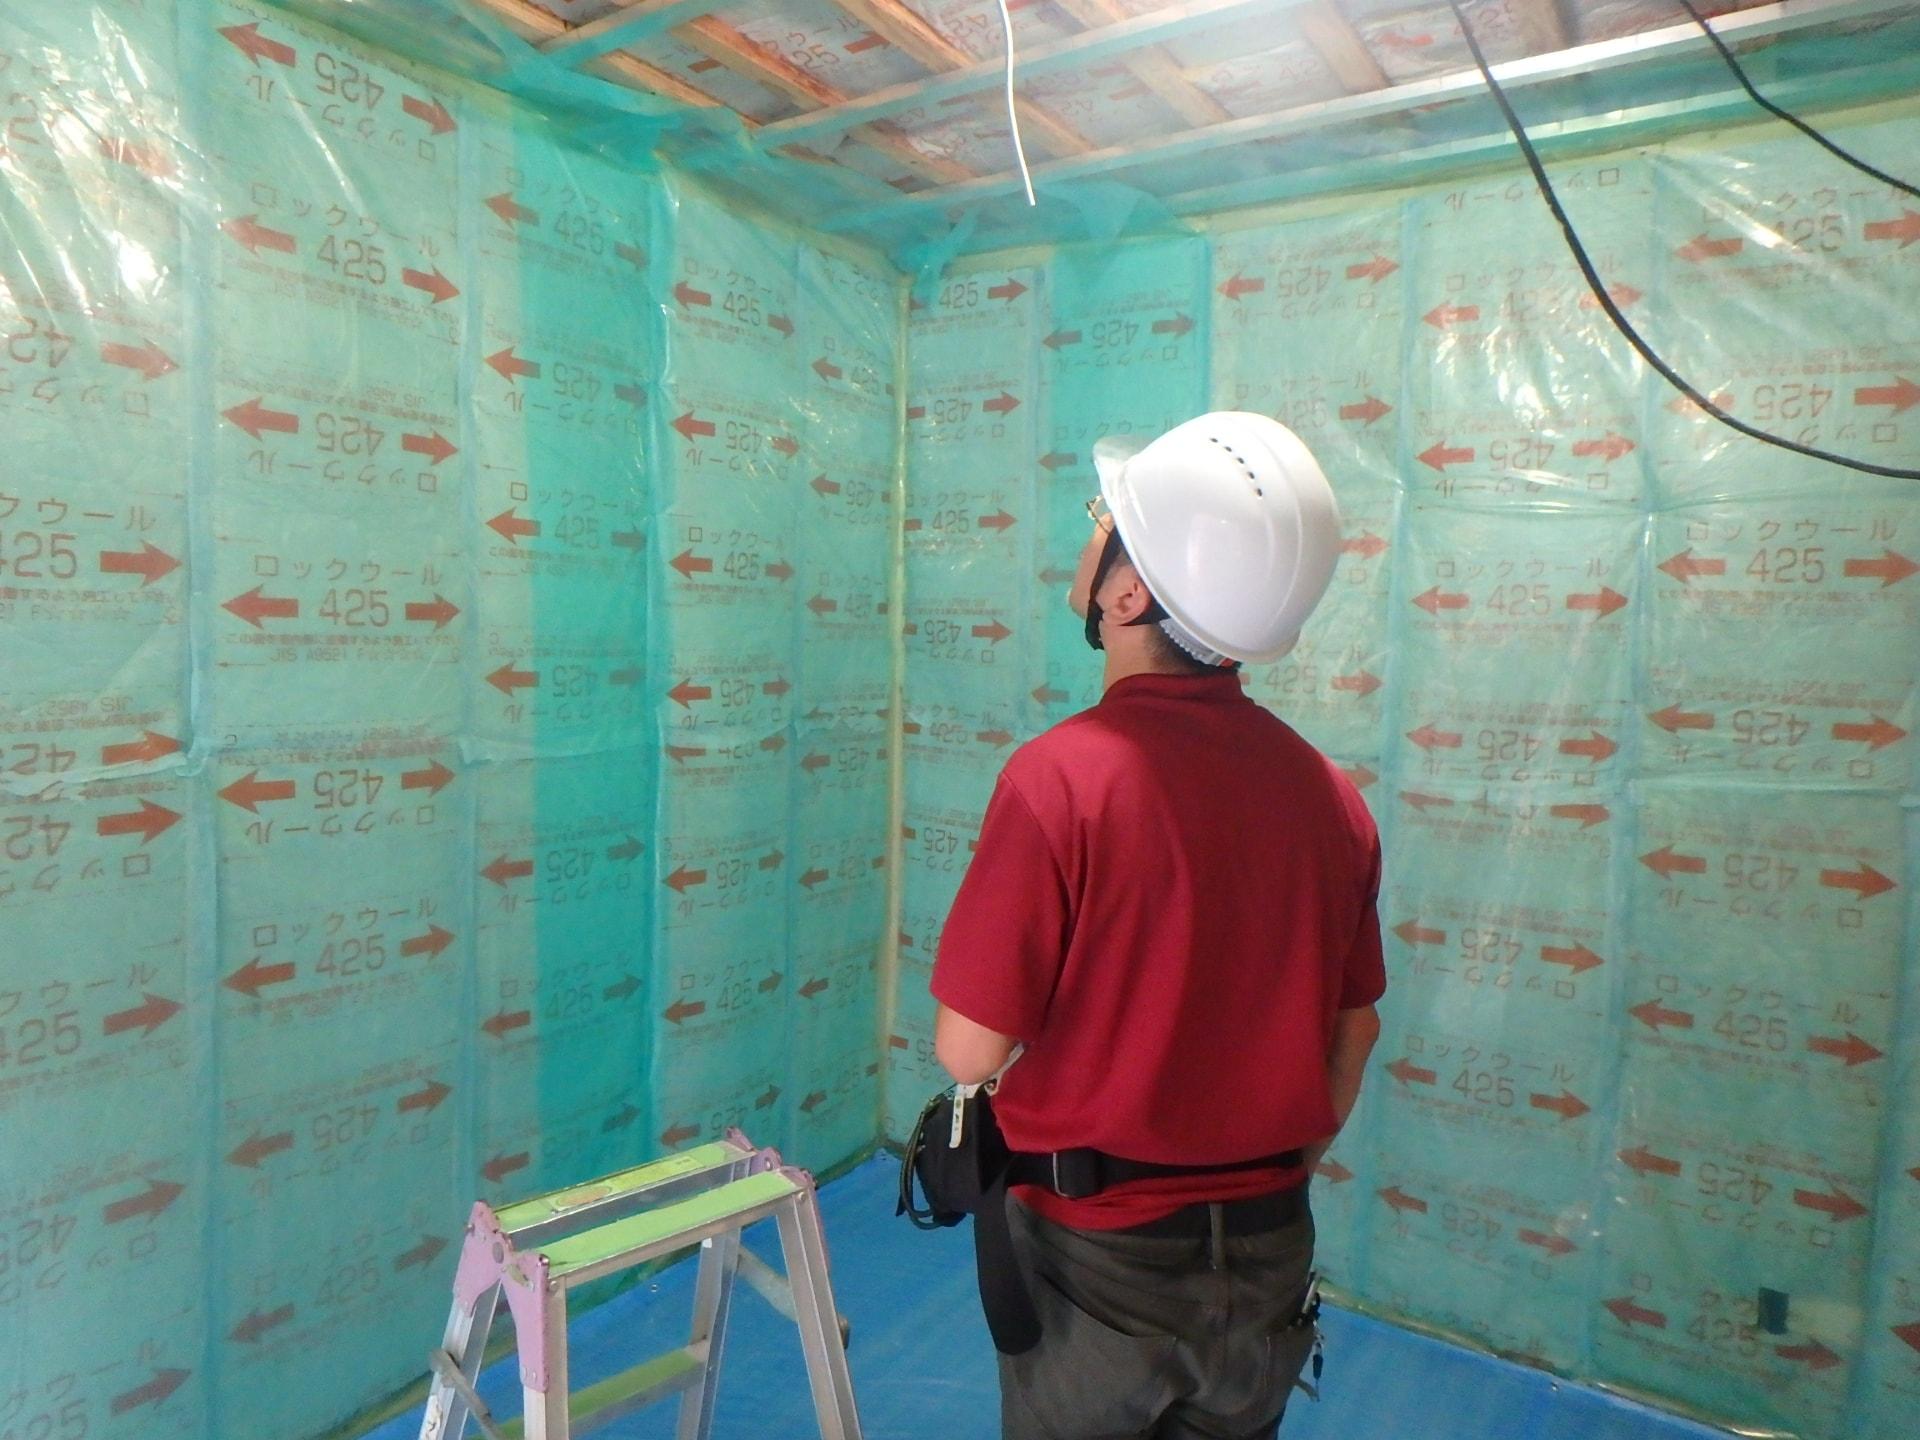 新築一戸建て工事中のチェックポイント⑫ 断熱工事